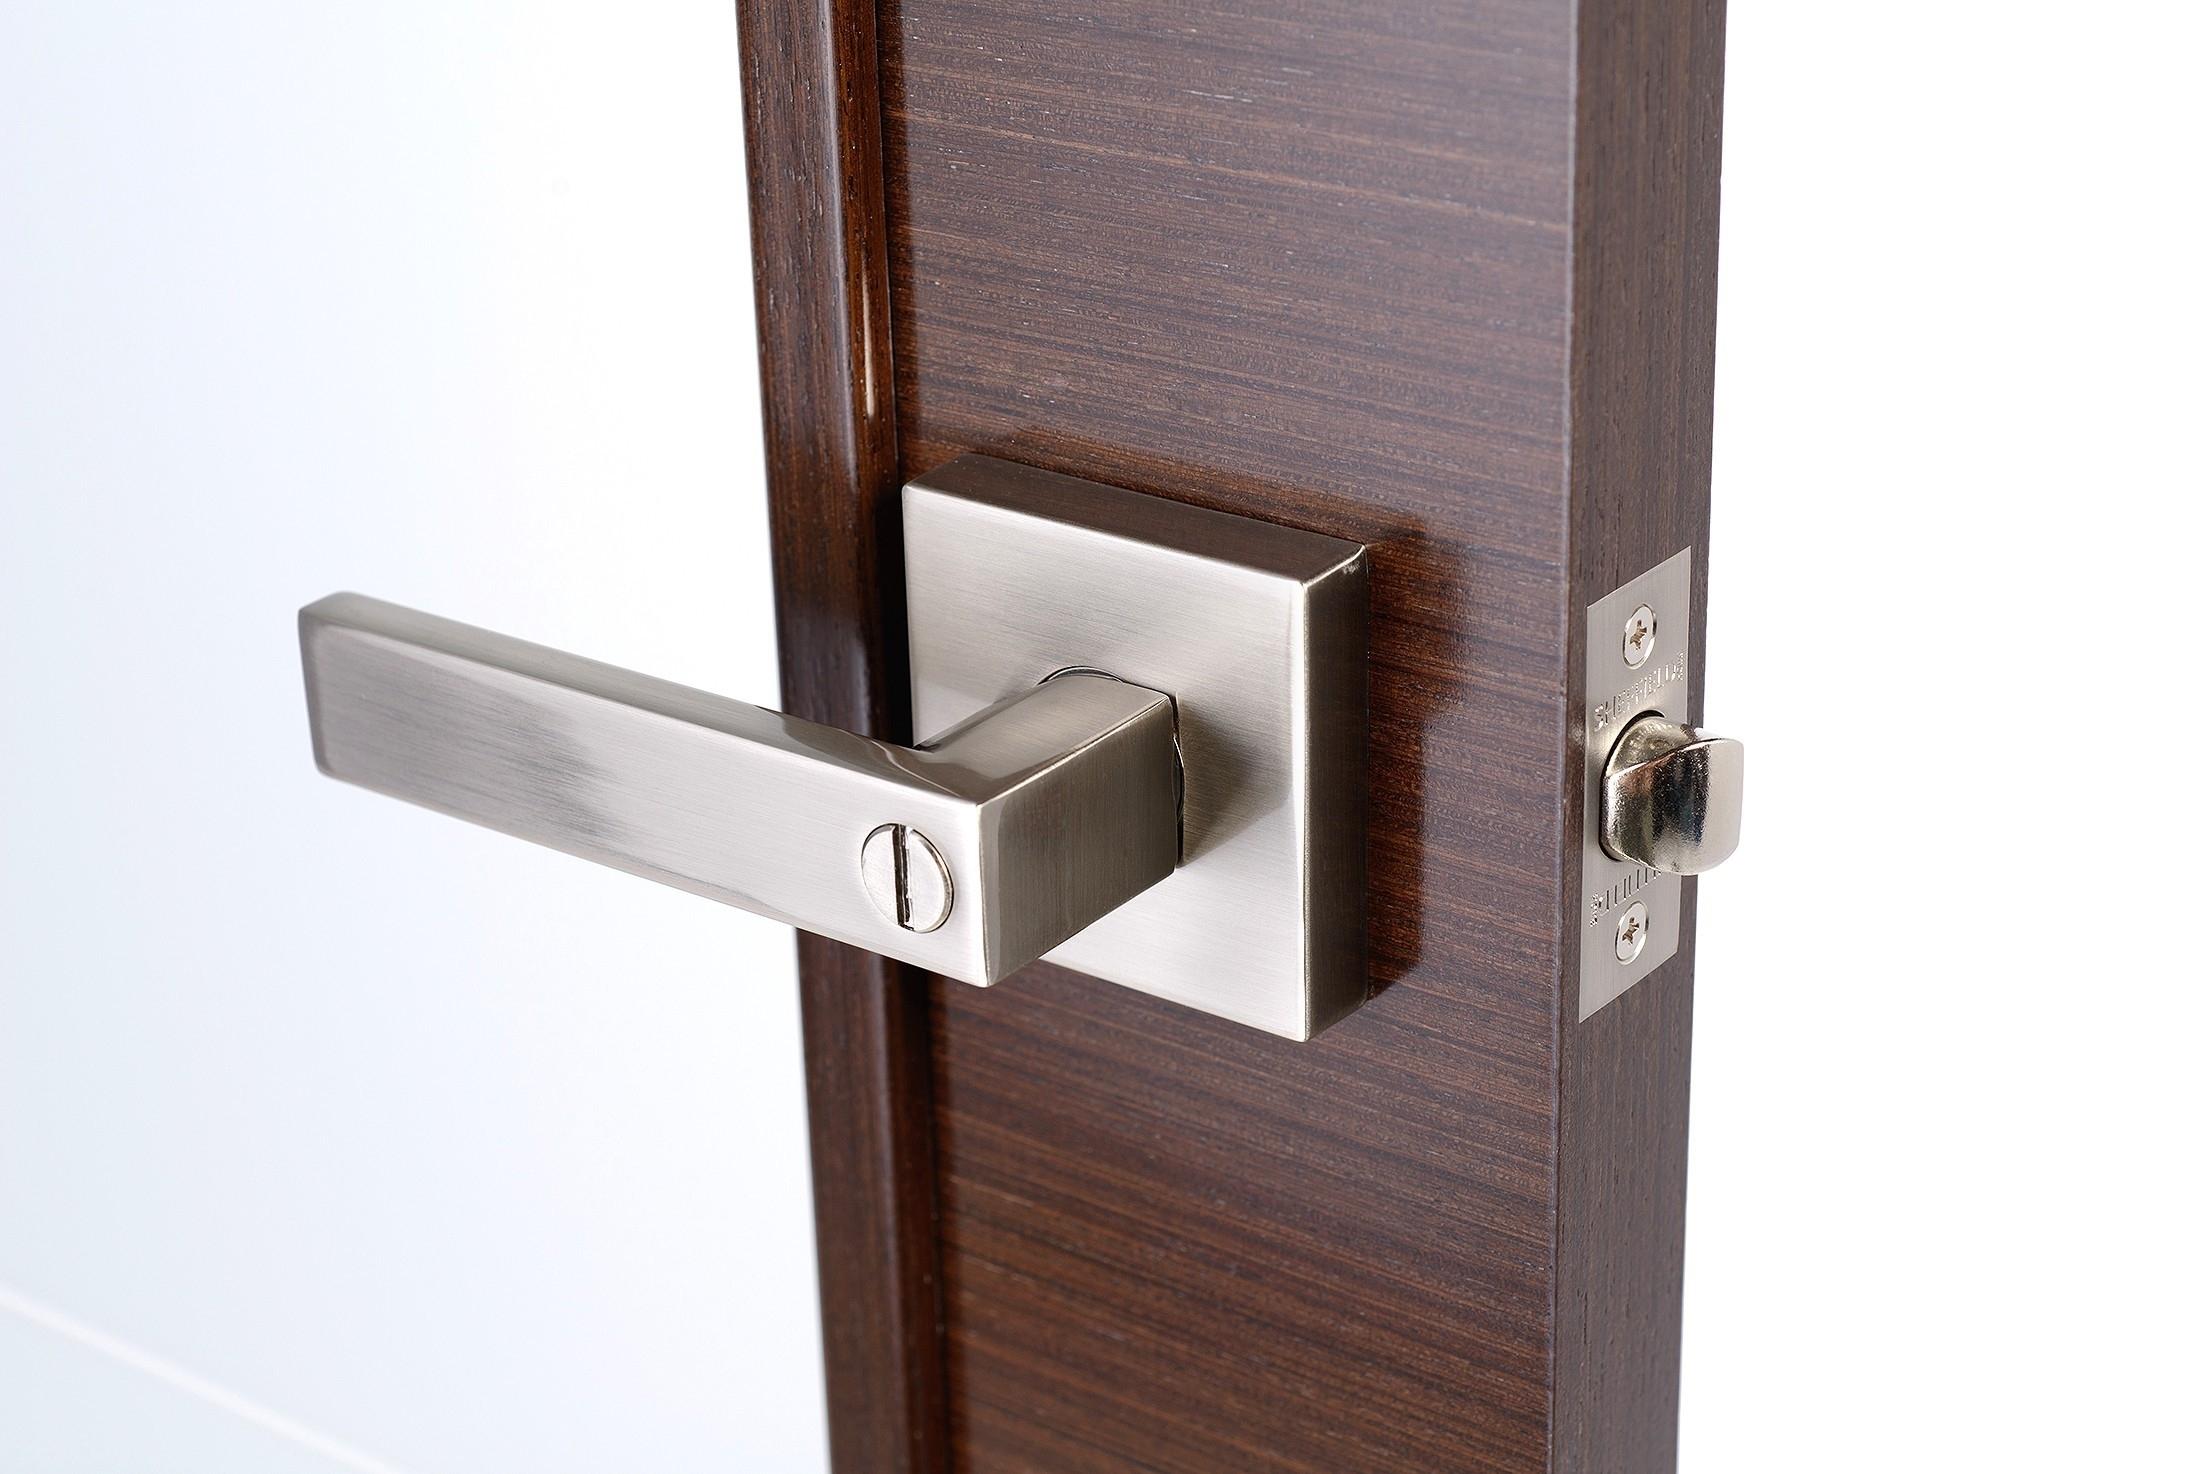 Sliding Door Handles Bunningssliding door handles bunnings sliding doors design